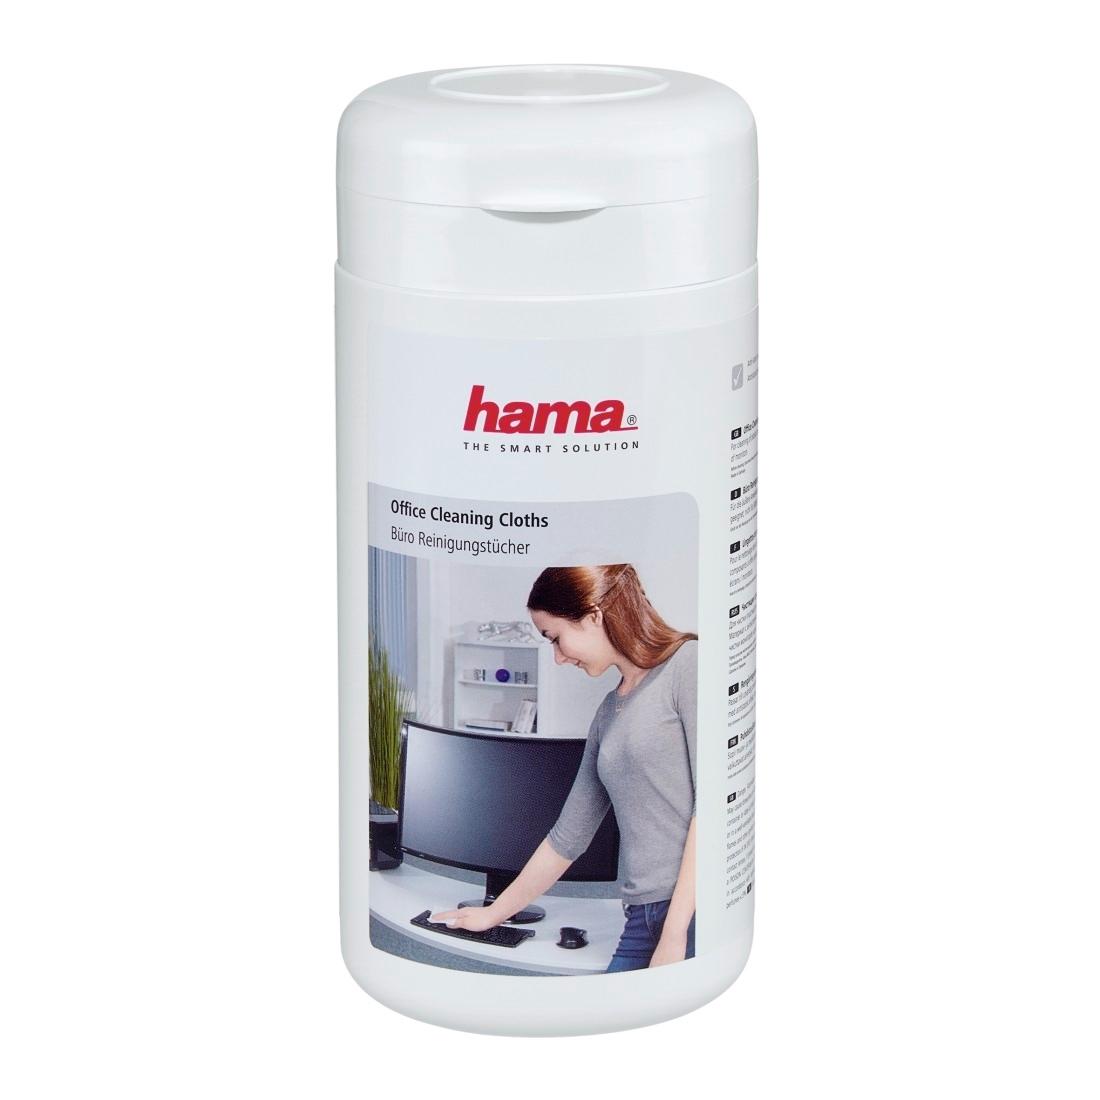 Hama kantoor reinigingsdoekjes 17x13cm 100 stuks in box